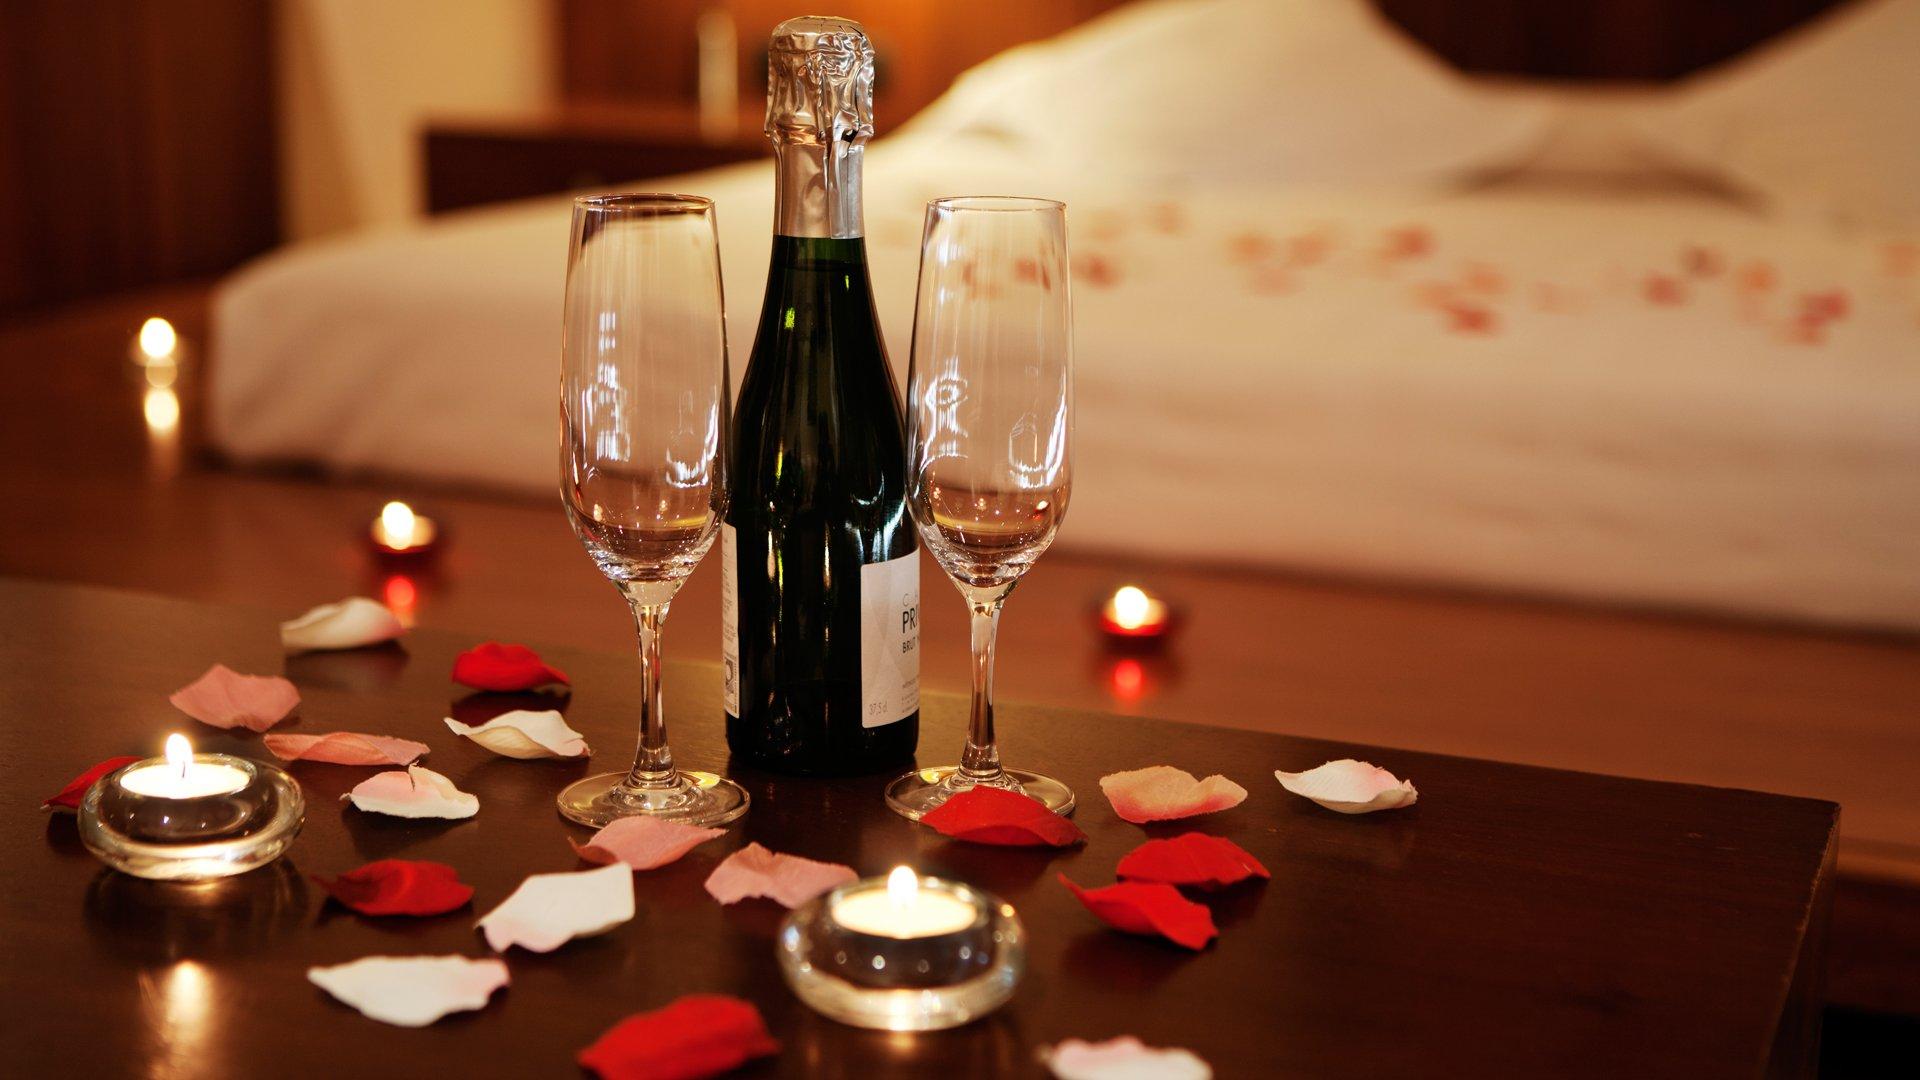 10 destinos para celebrar san valent n en castilla y le n - Cena romantica con velas ...